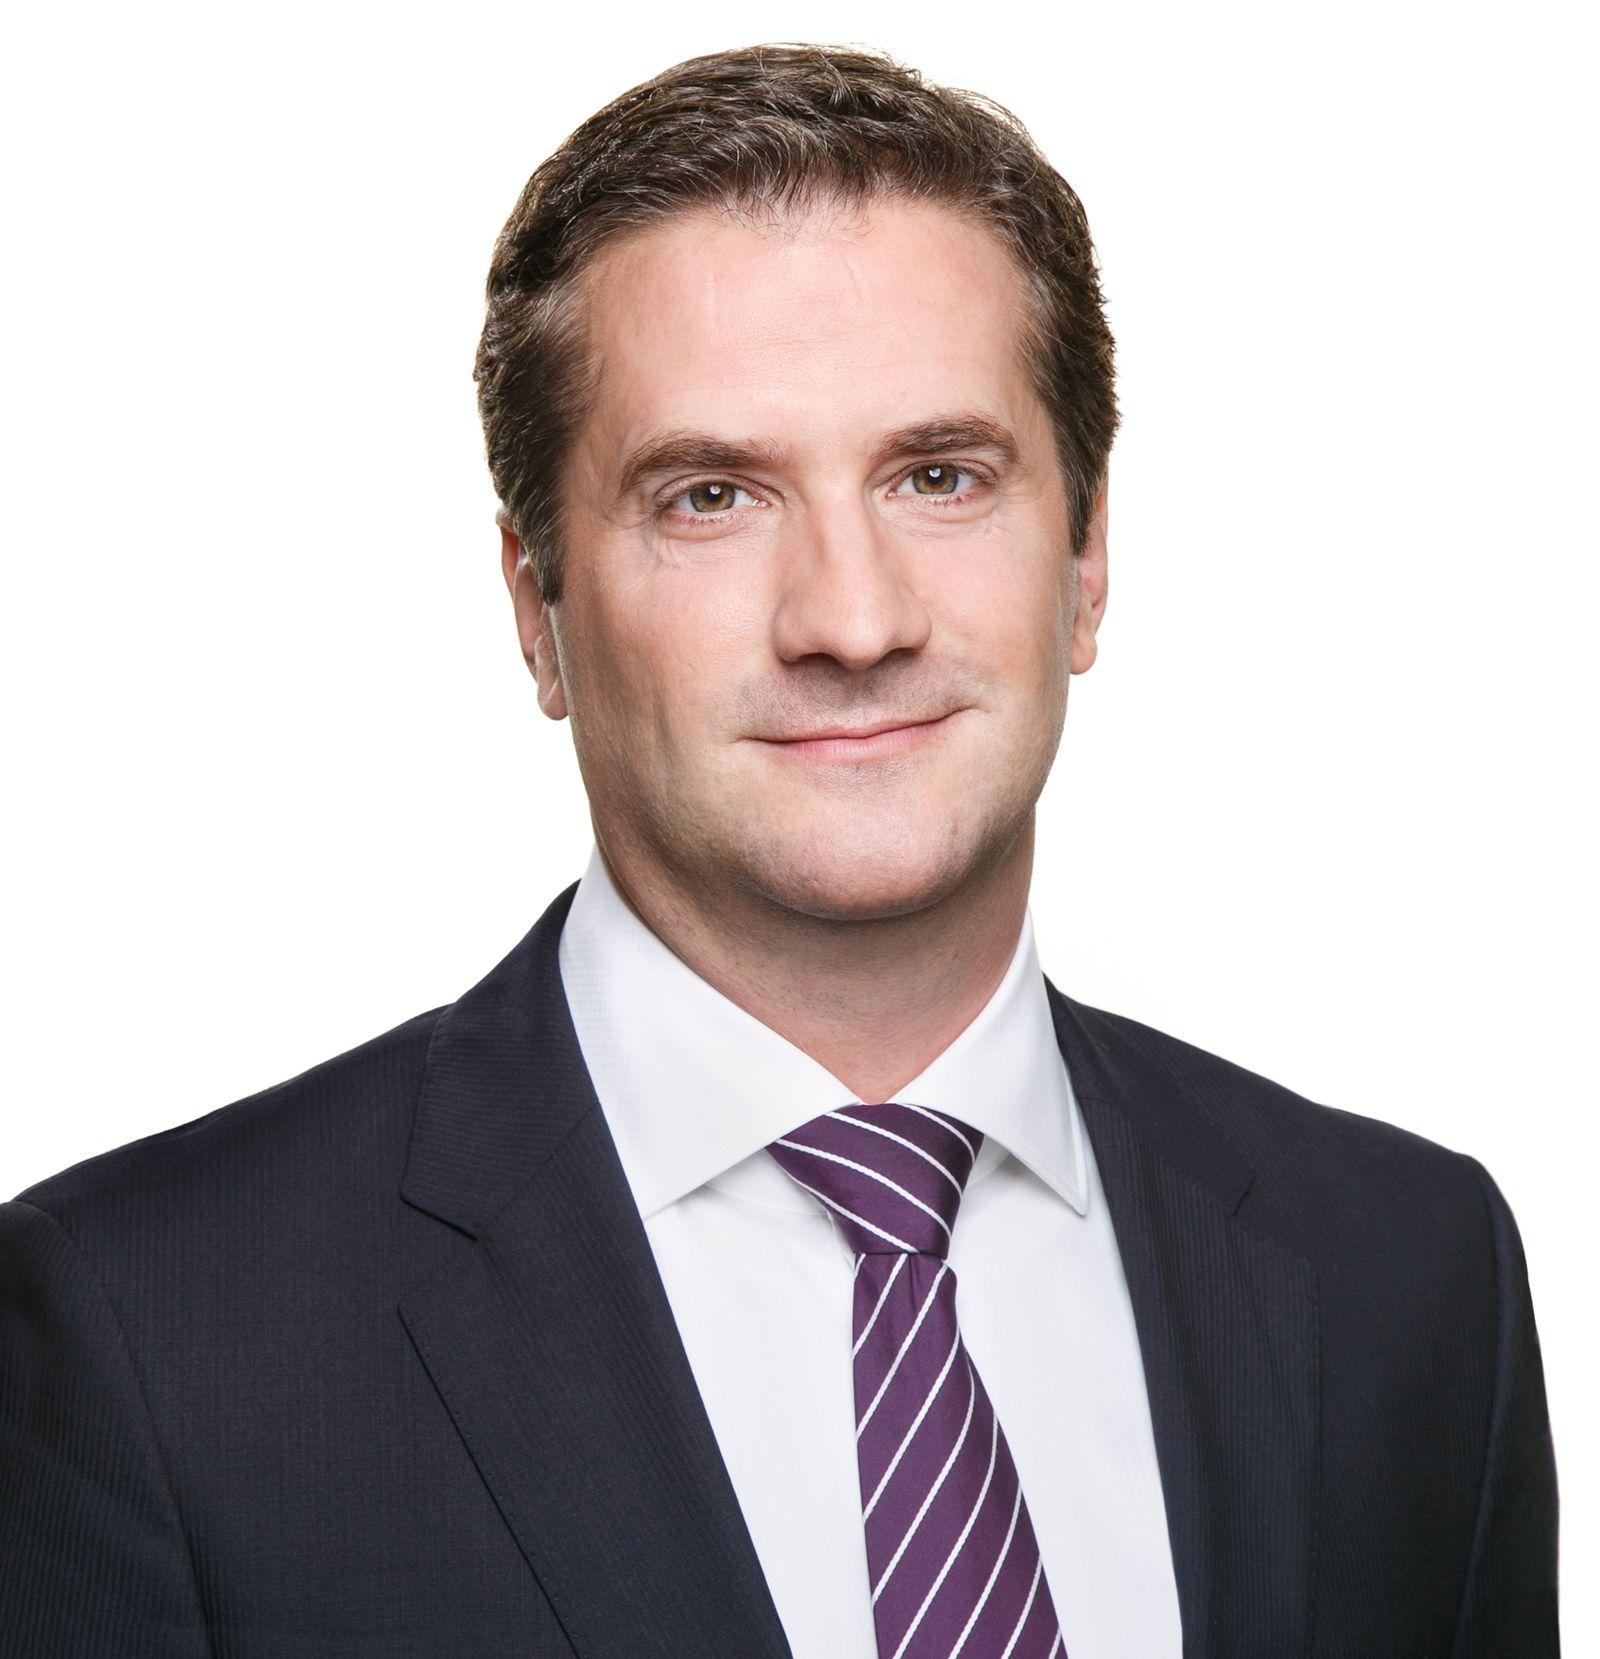 Personenkasten / Dr. Markus Diepold